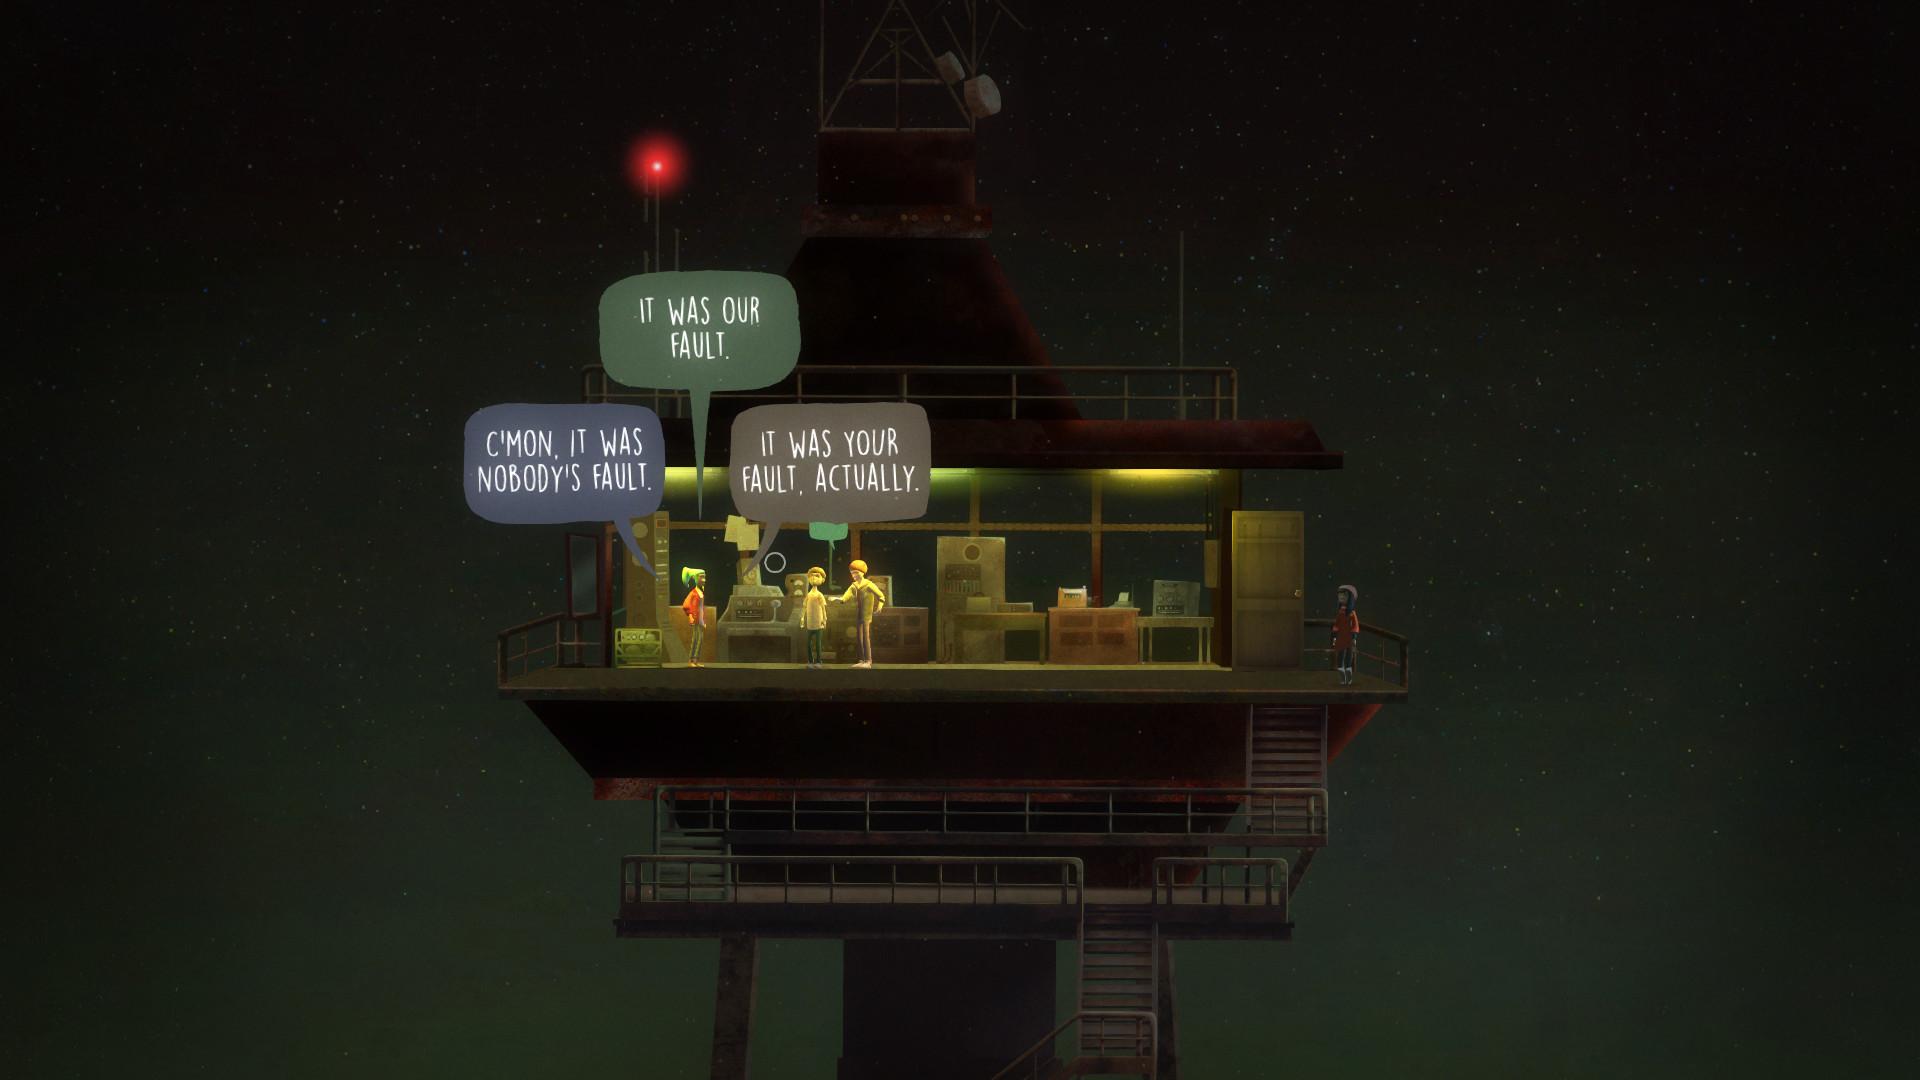 Oxenfree 的對話是去文字的,也是即時的。除非在遊戲設定裏專門選擇,人物對話由聲優全程配音,並不出現字幕。